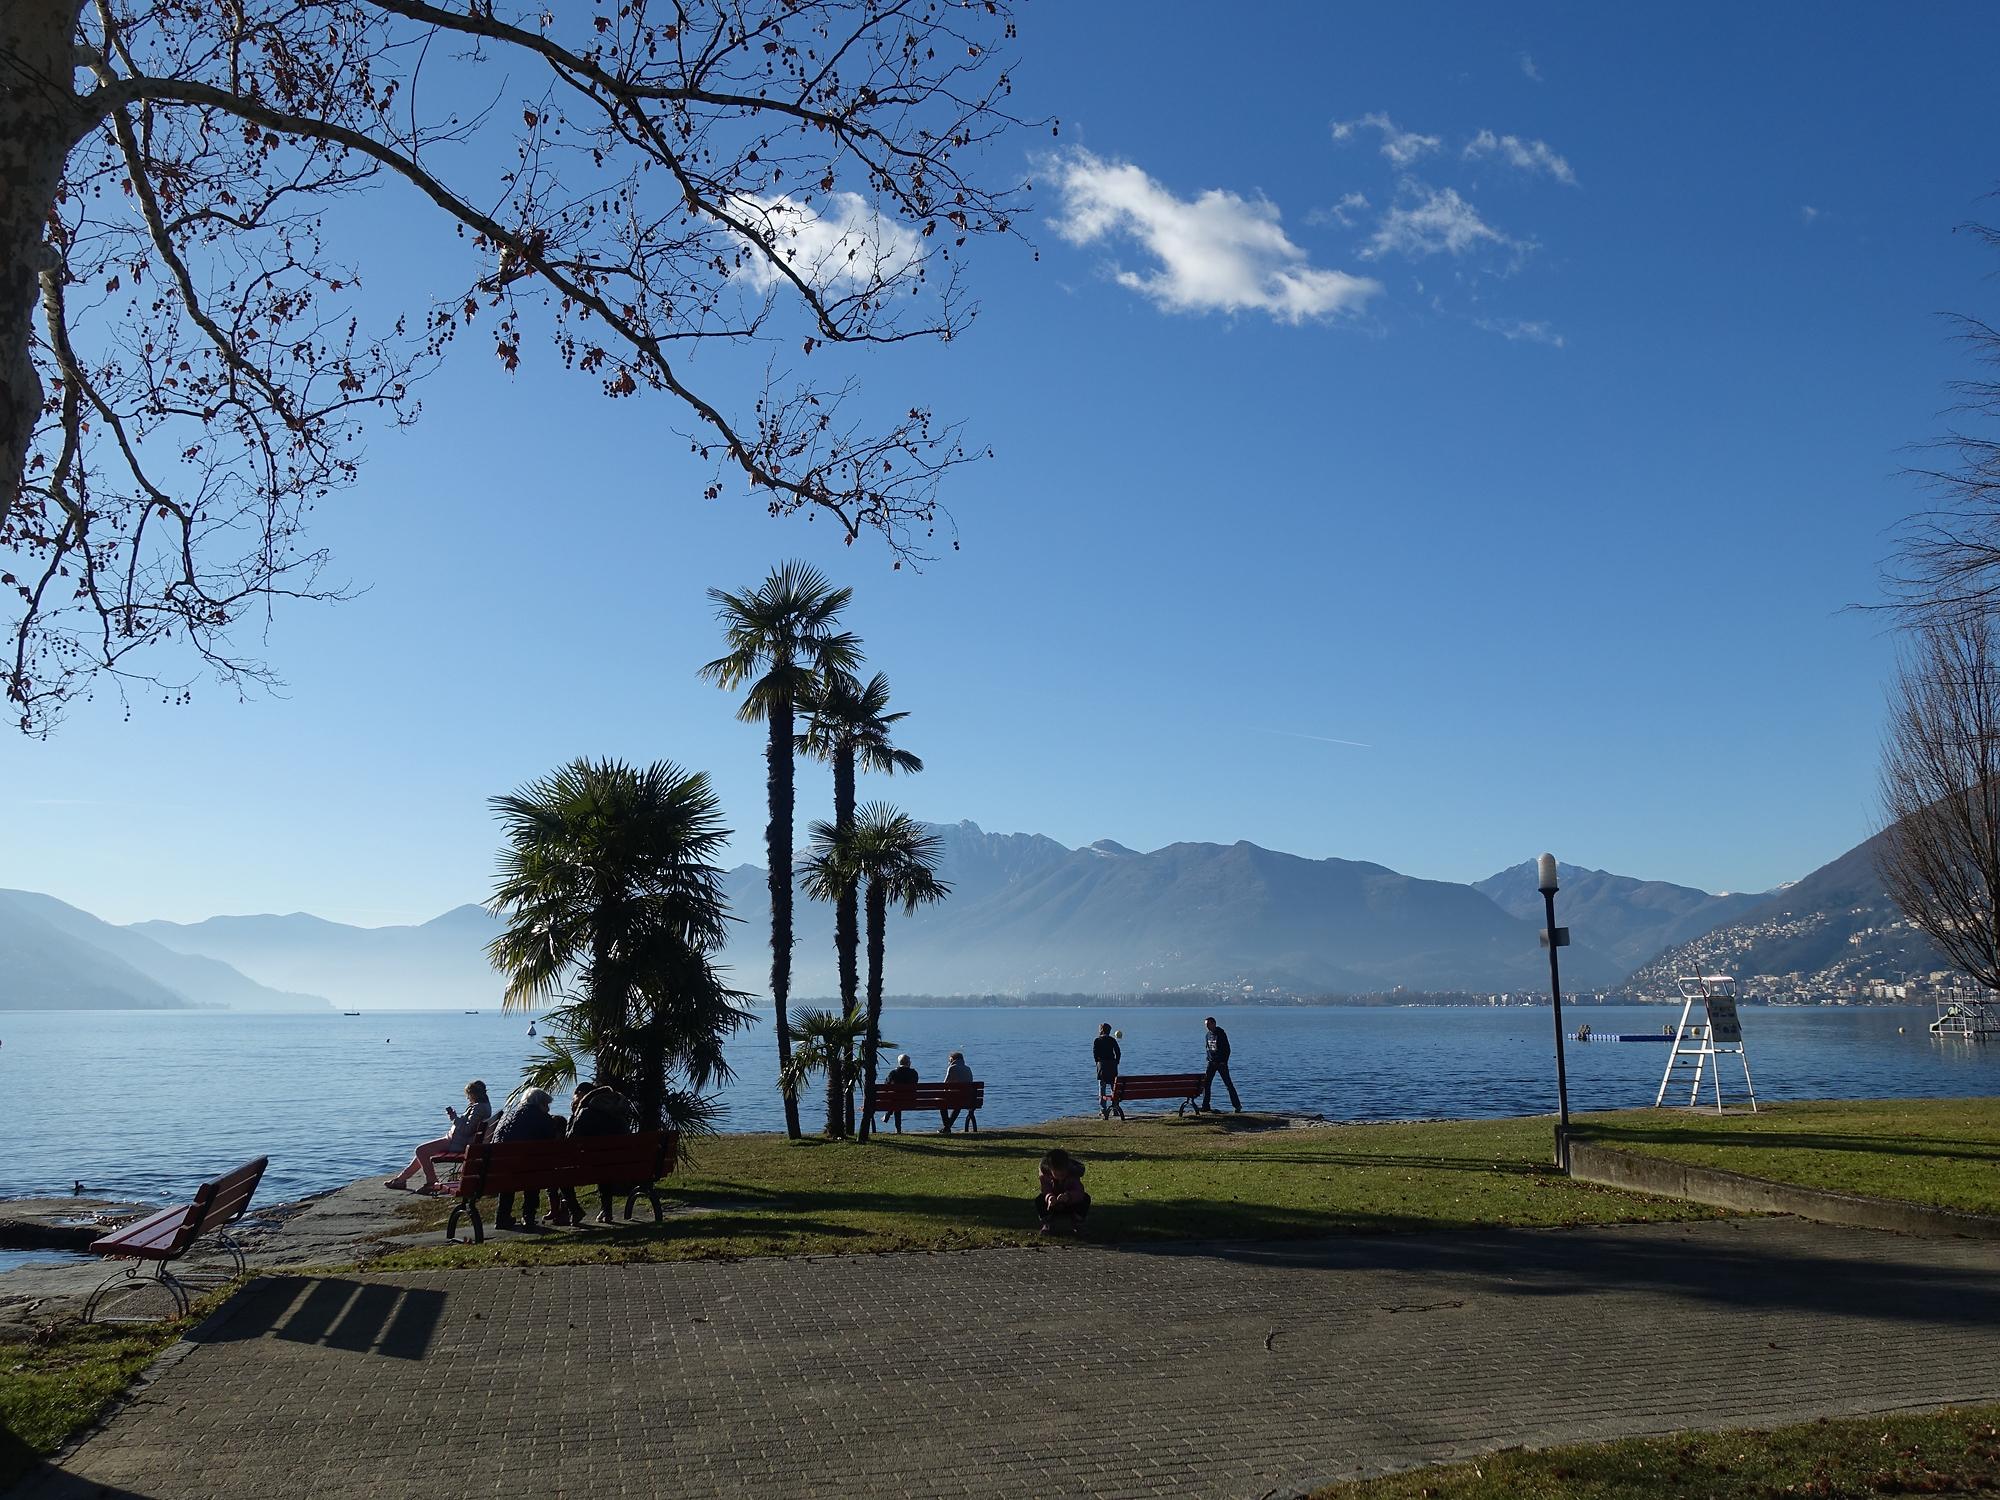 30.12.18-04.01.19 - Silvester am Lago Maggiore